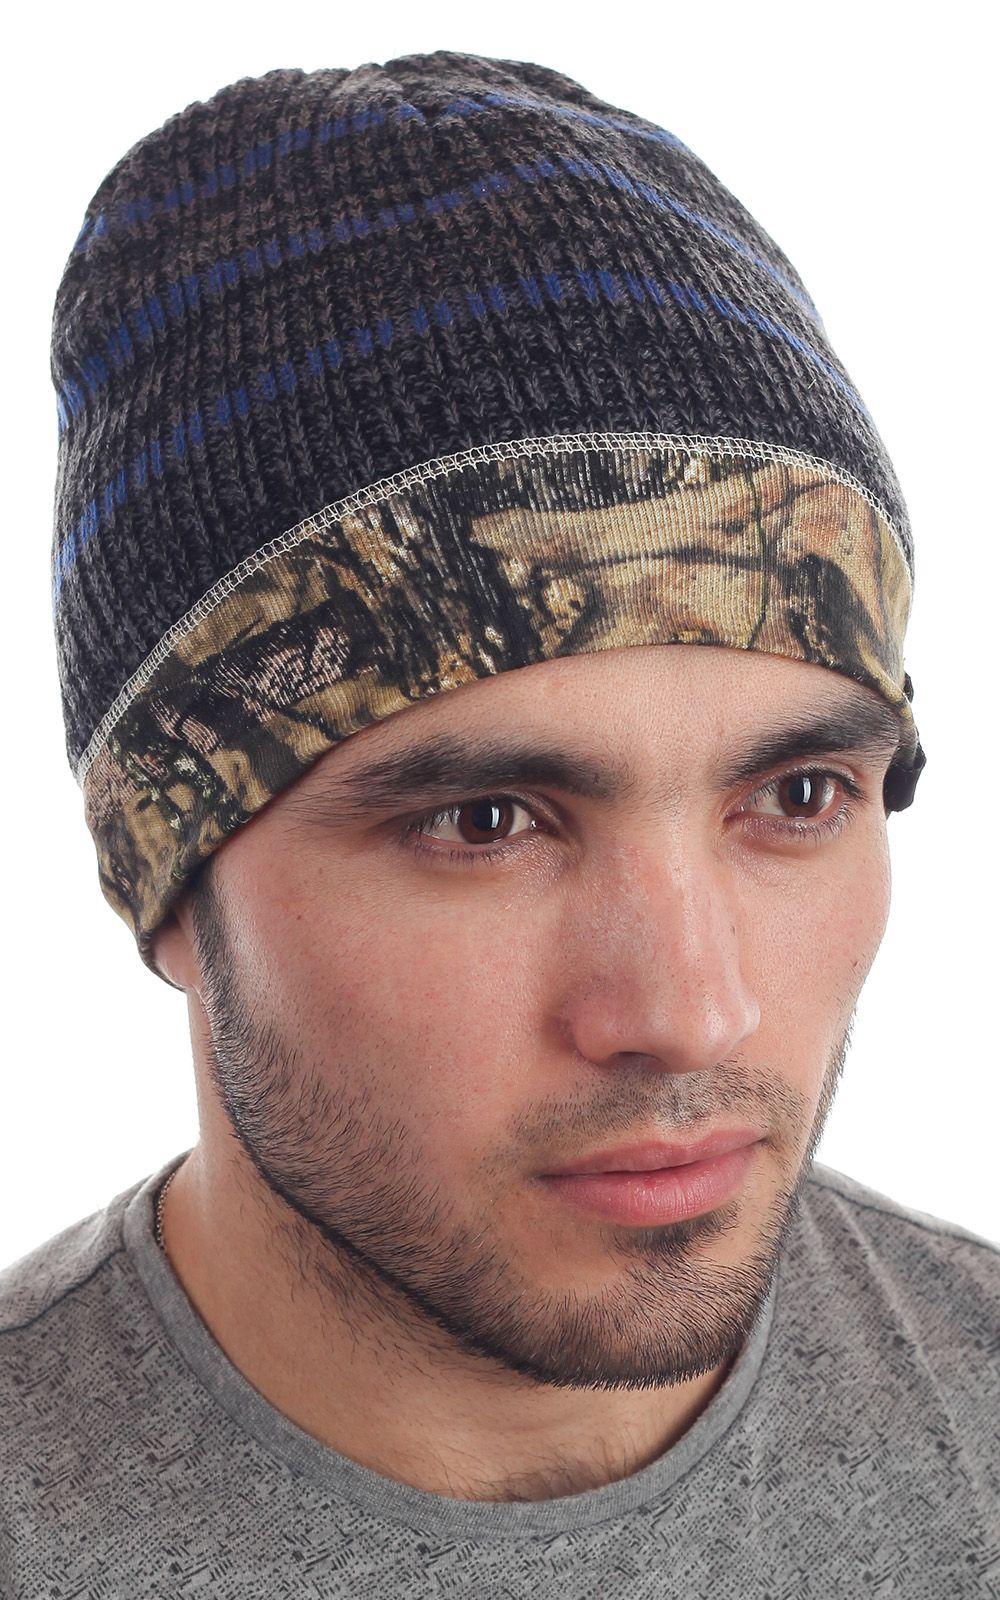 Купить рыбацкую шапку онлайн